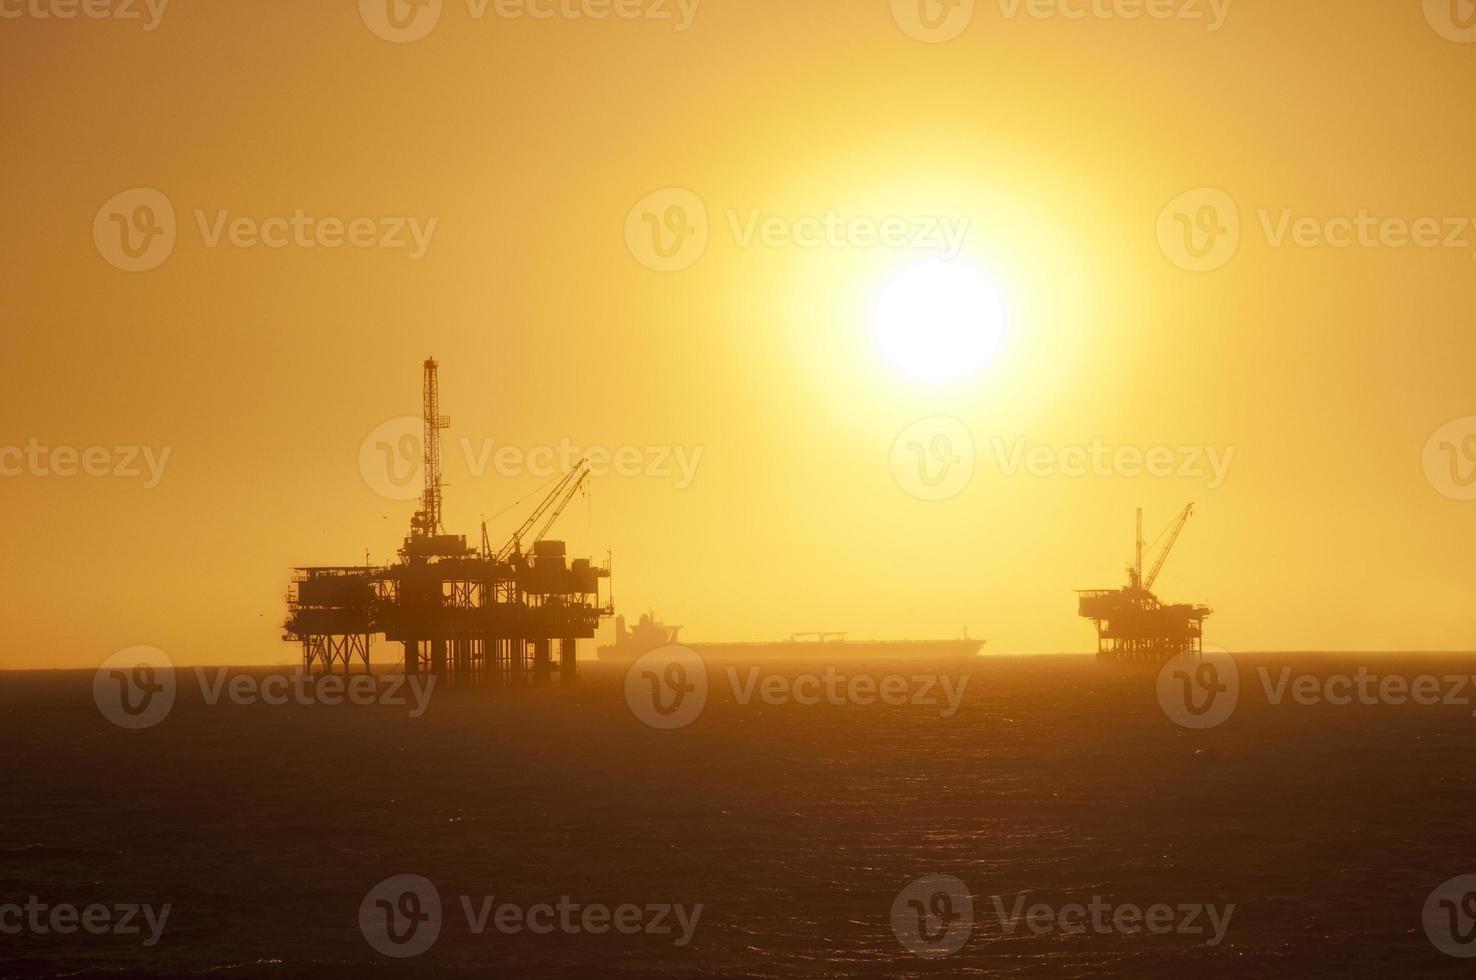 oljeriggar vid solnedgången. foto